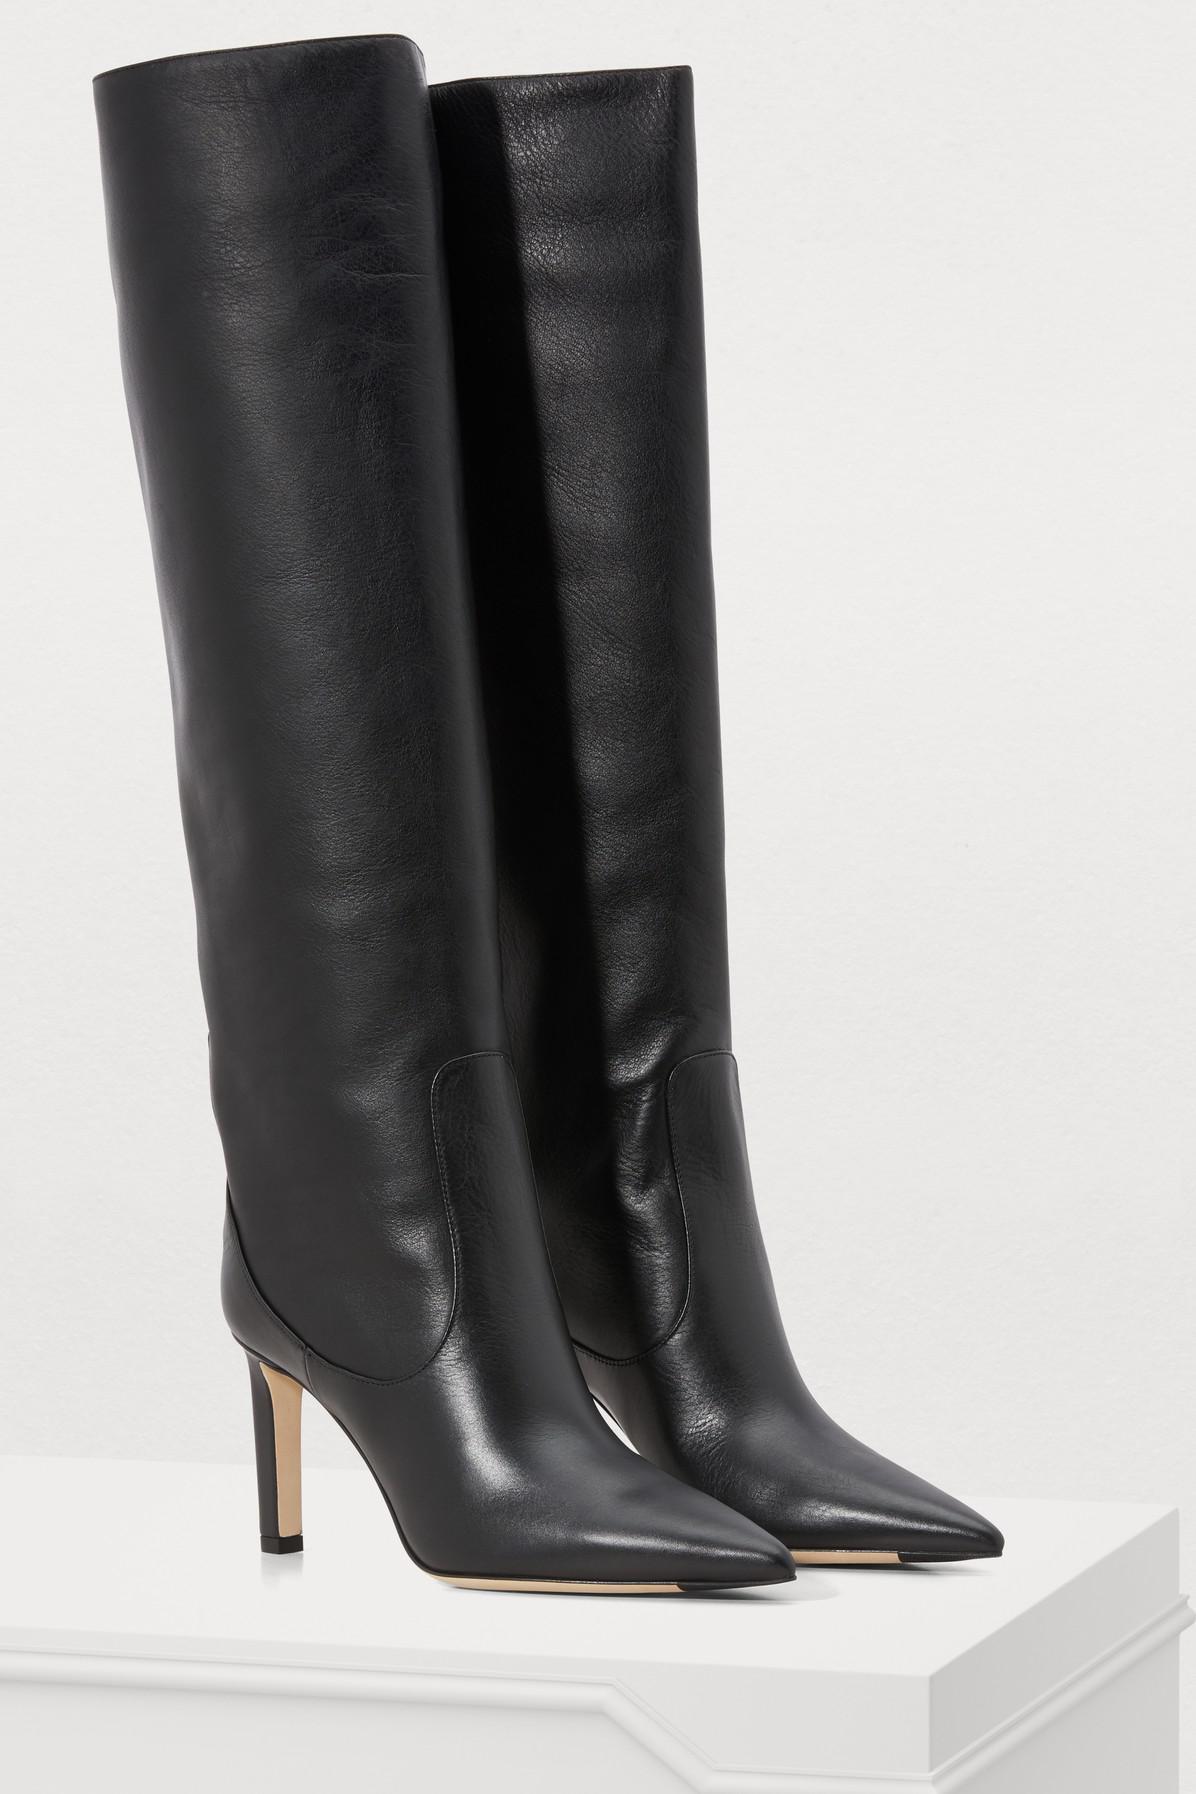 fff46b7599c Lyst - Jimmy Choo Black Mavis 85 Boots in Black